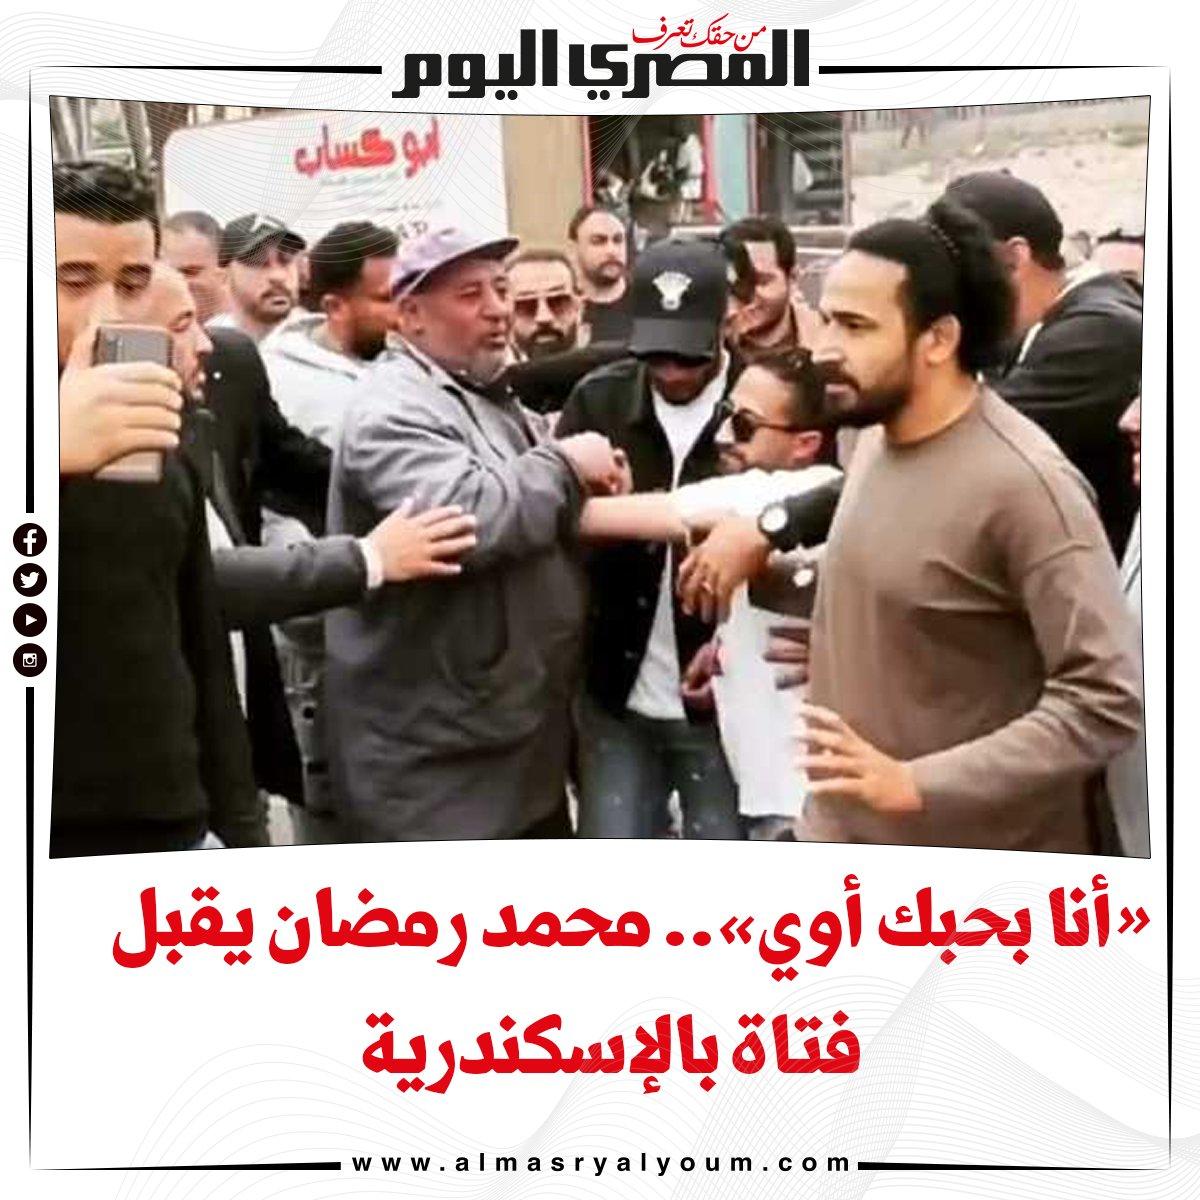 بالفيديو «أنا بحبك أوي».. محمد رمضان يقبل فتاة بـ الإسكندرية شاهد